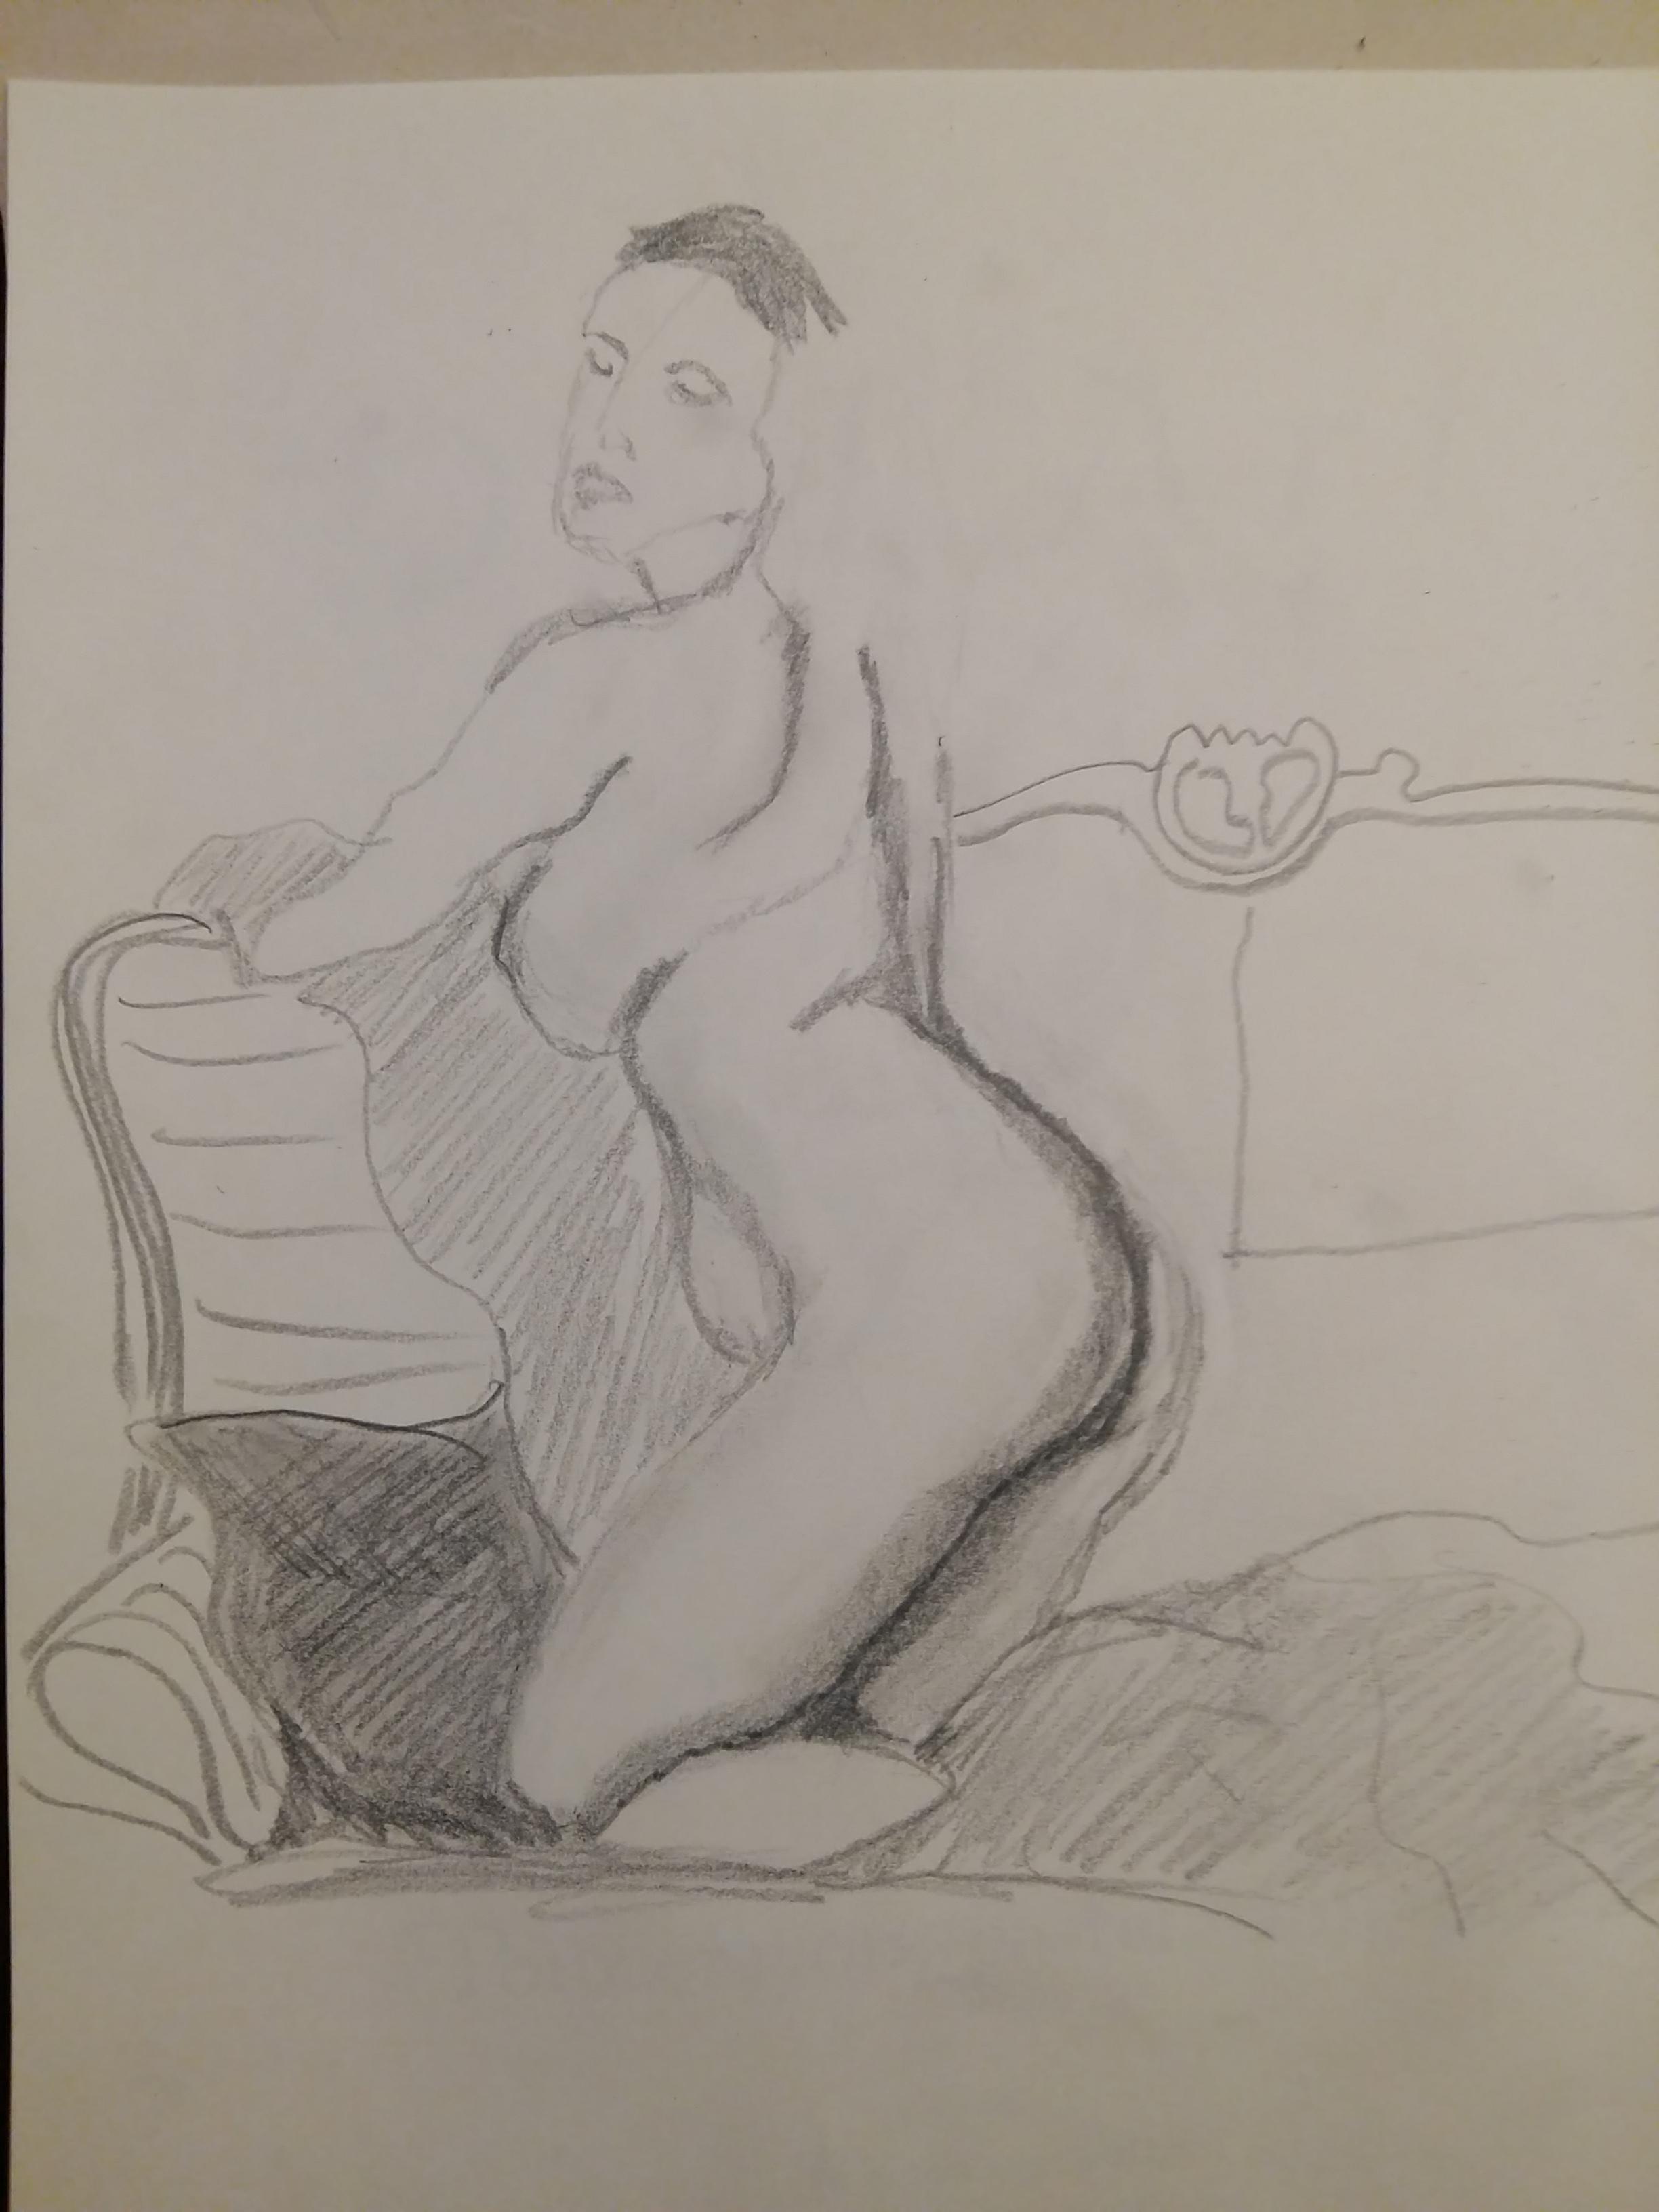 Dessin mod�le vivant trois quarts dos femme divan graphique sur papier  cours de dessin